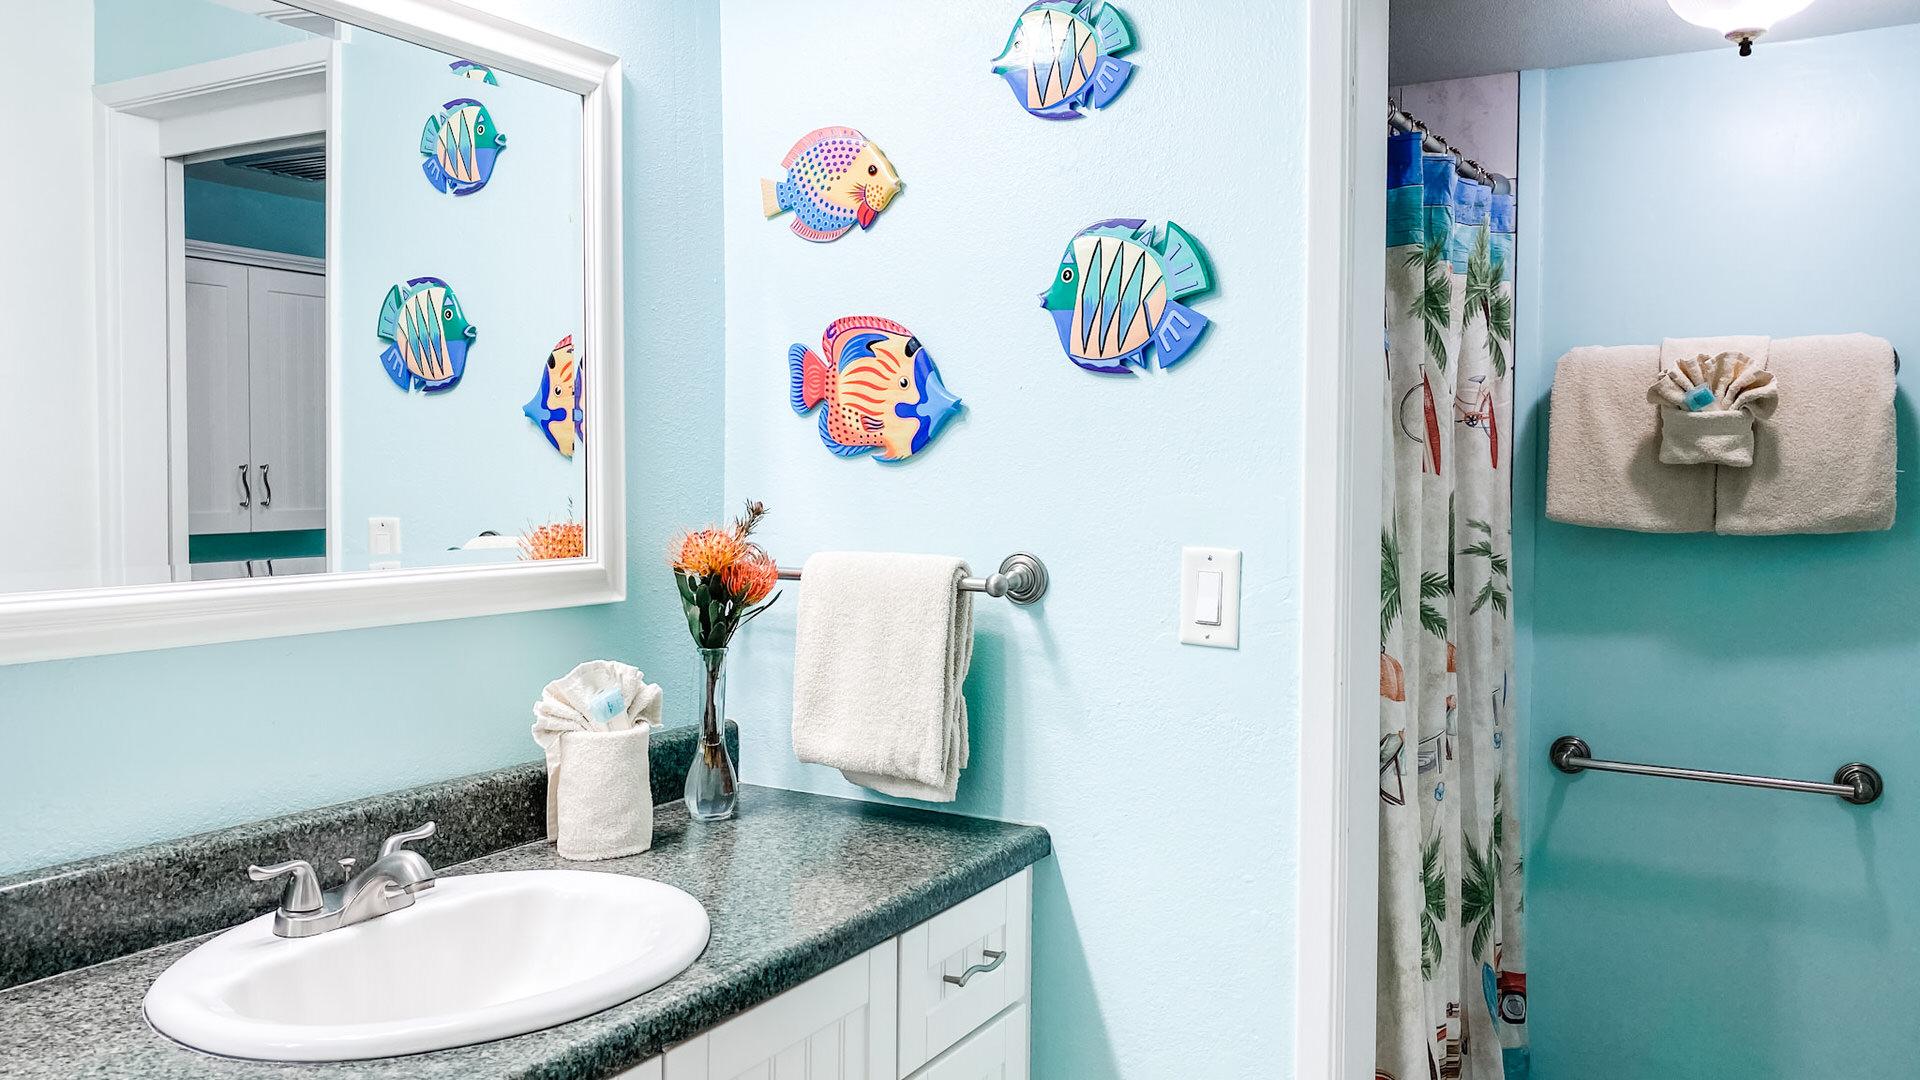 D102 Bathroom and Vanity